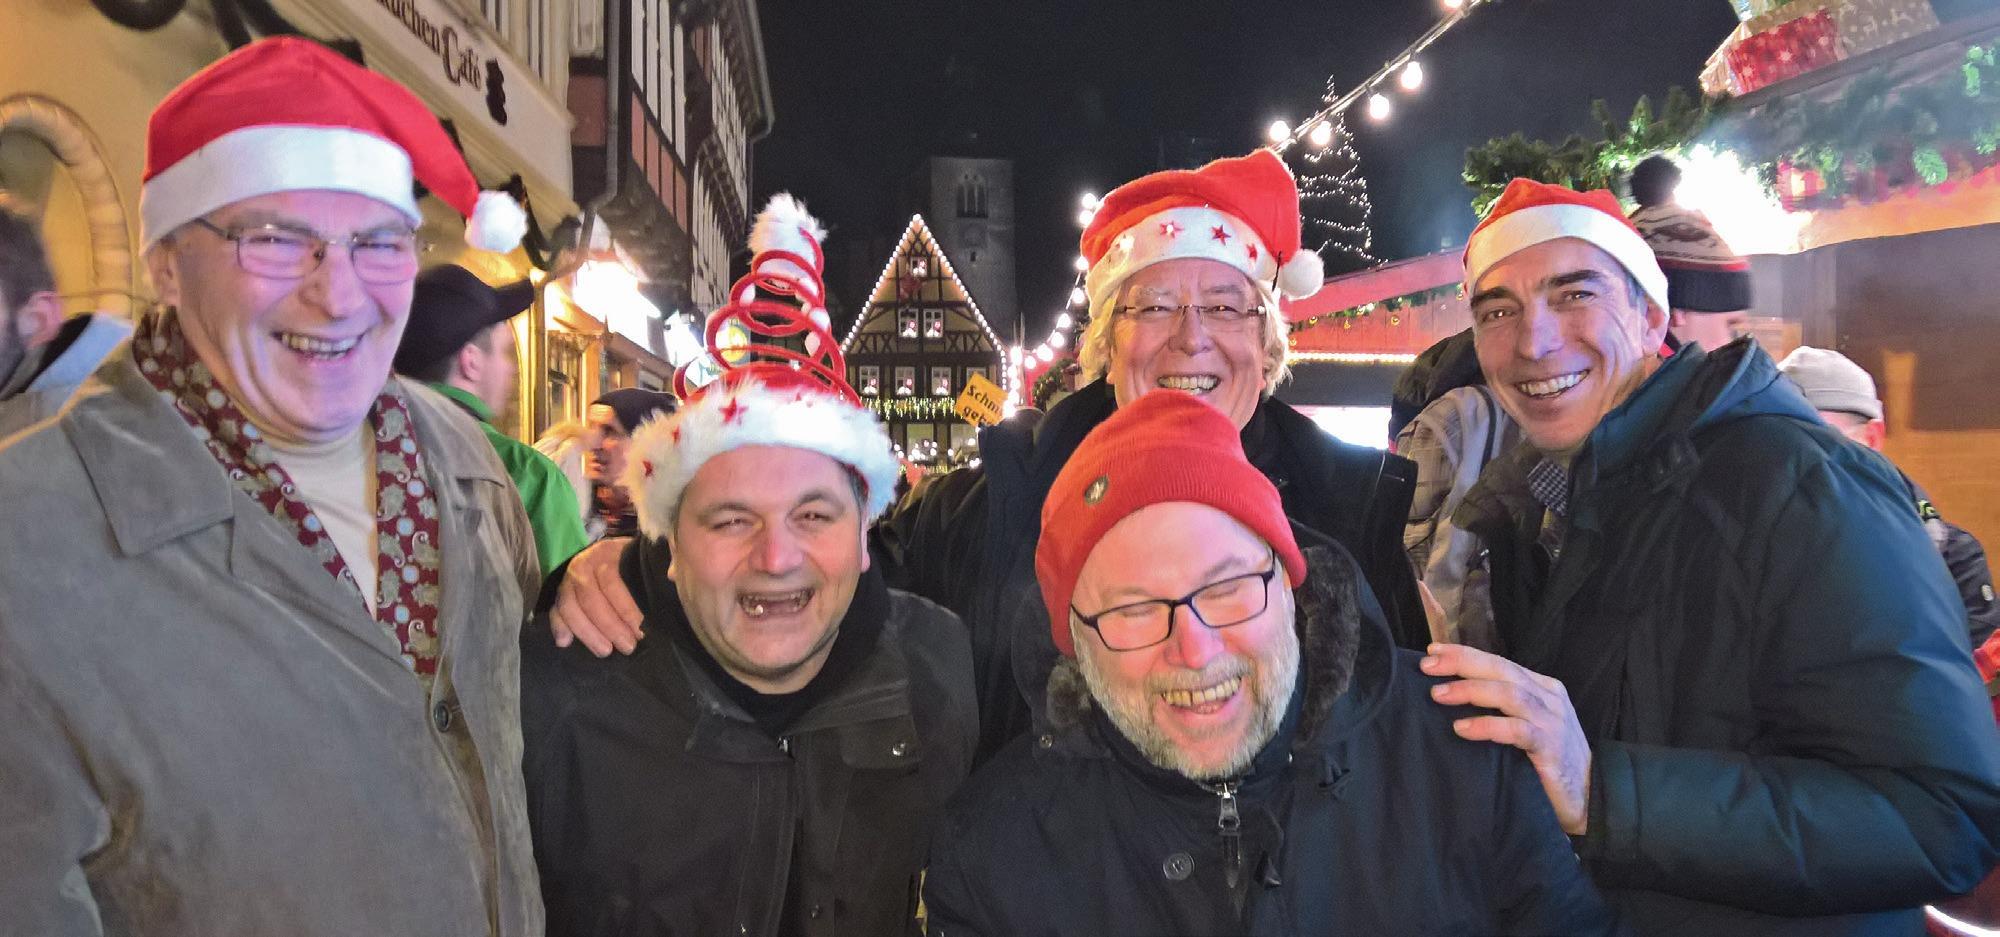 Die Weihnachtsmänner der Schießabteilung: Jörg Dittbrenner, Stefan Kunst, Thomas Bierschwale, Horst Bockemüller und Werner Mix.